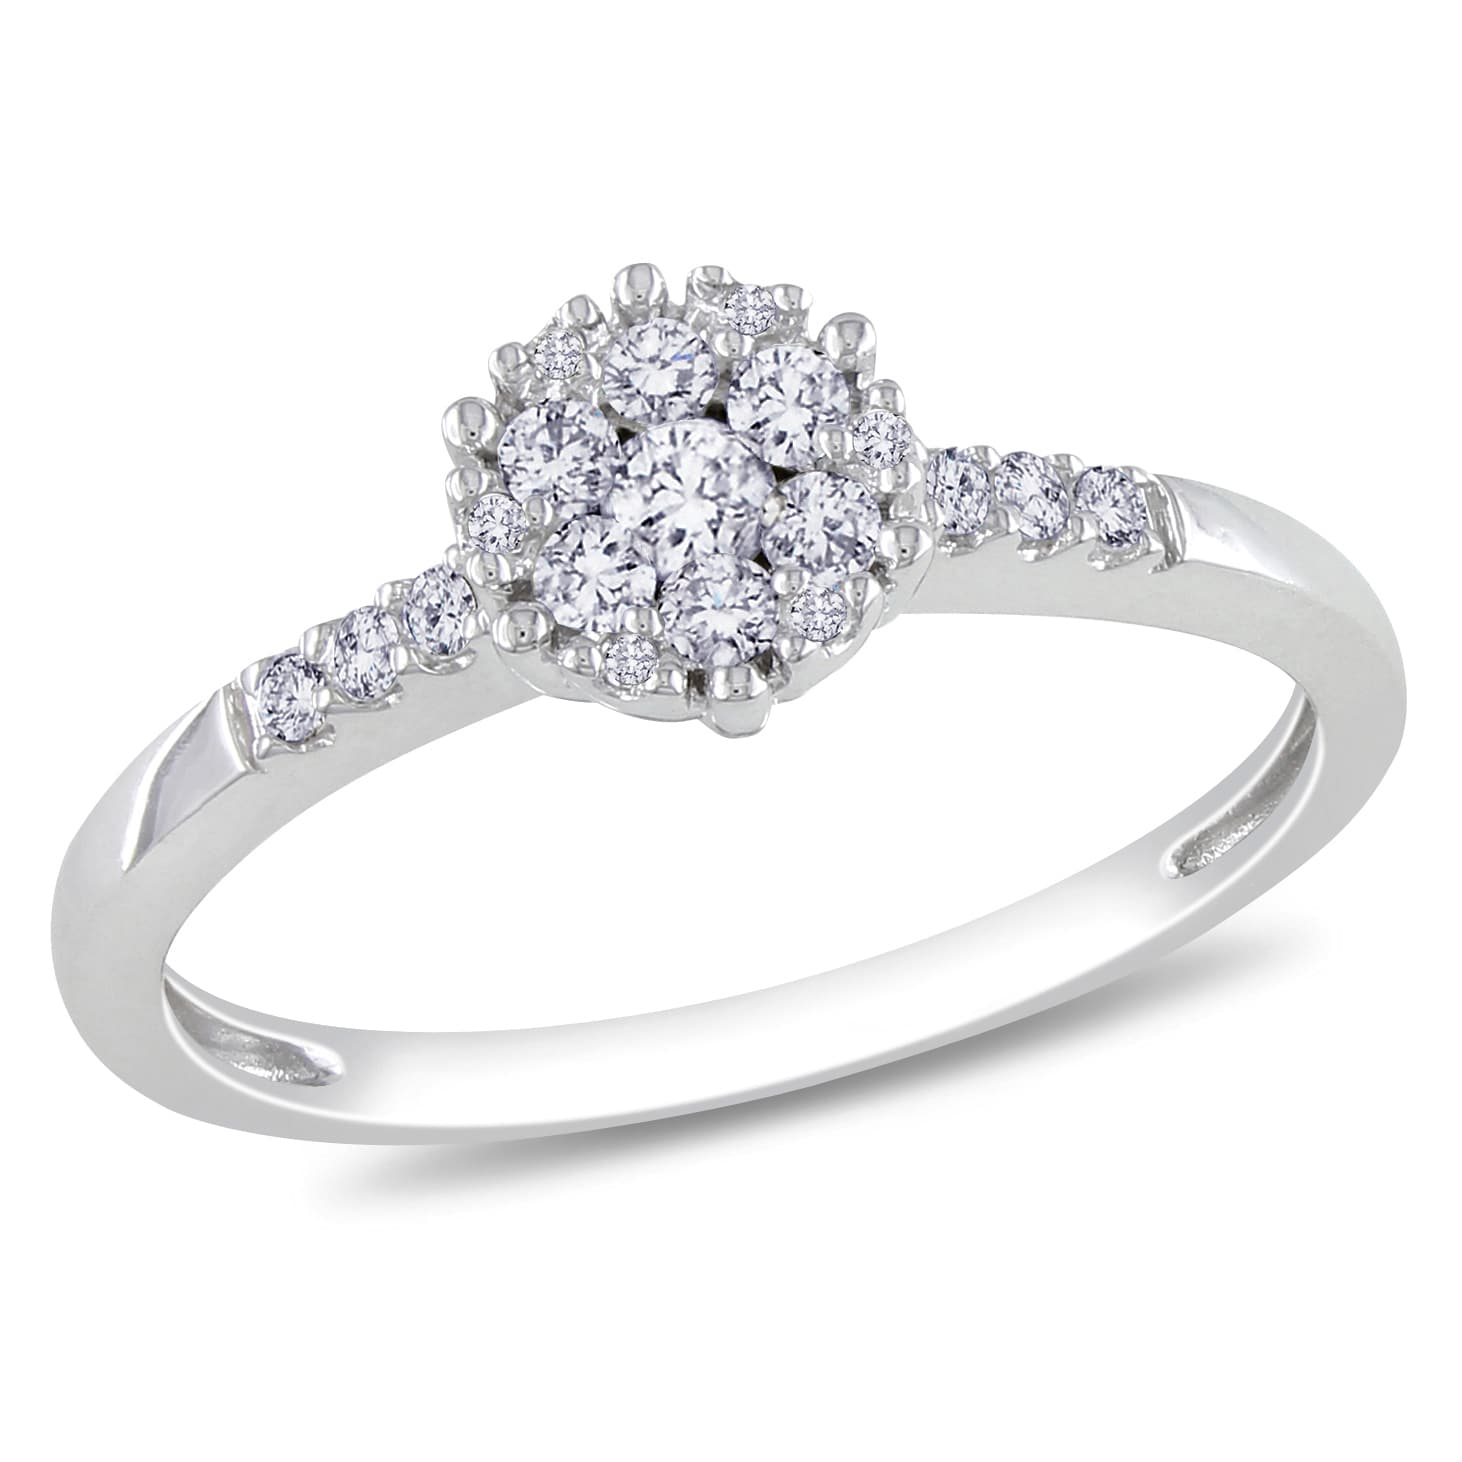 Miadora 14k White Gold 1/4ct TDW Diamond Cluster Ring